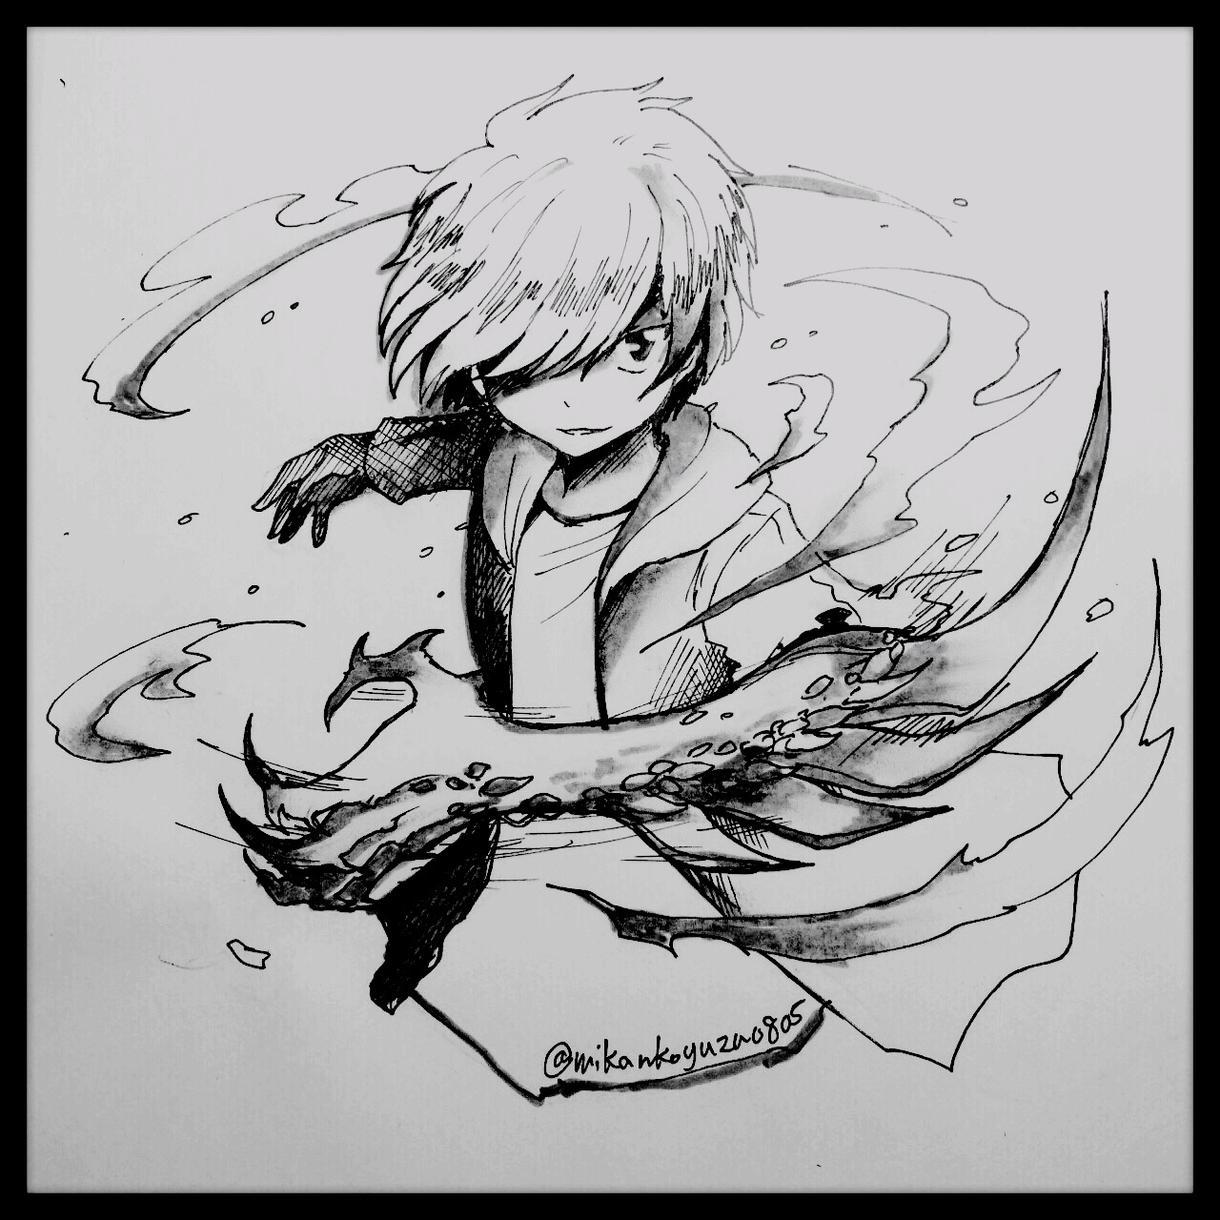 白黒の挿絵を描きます!